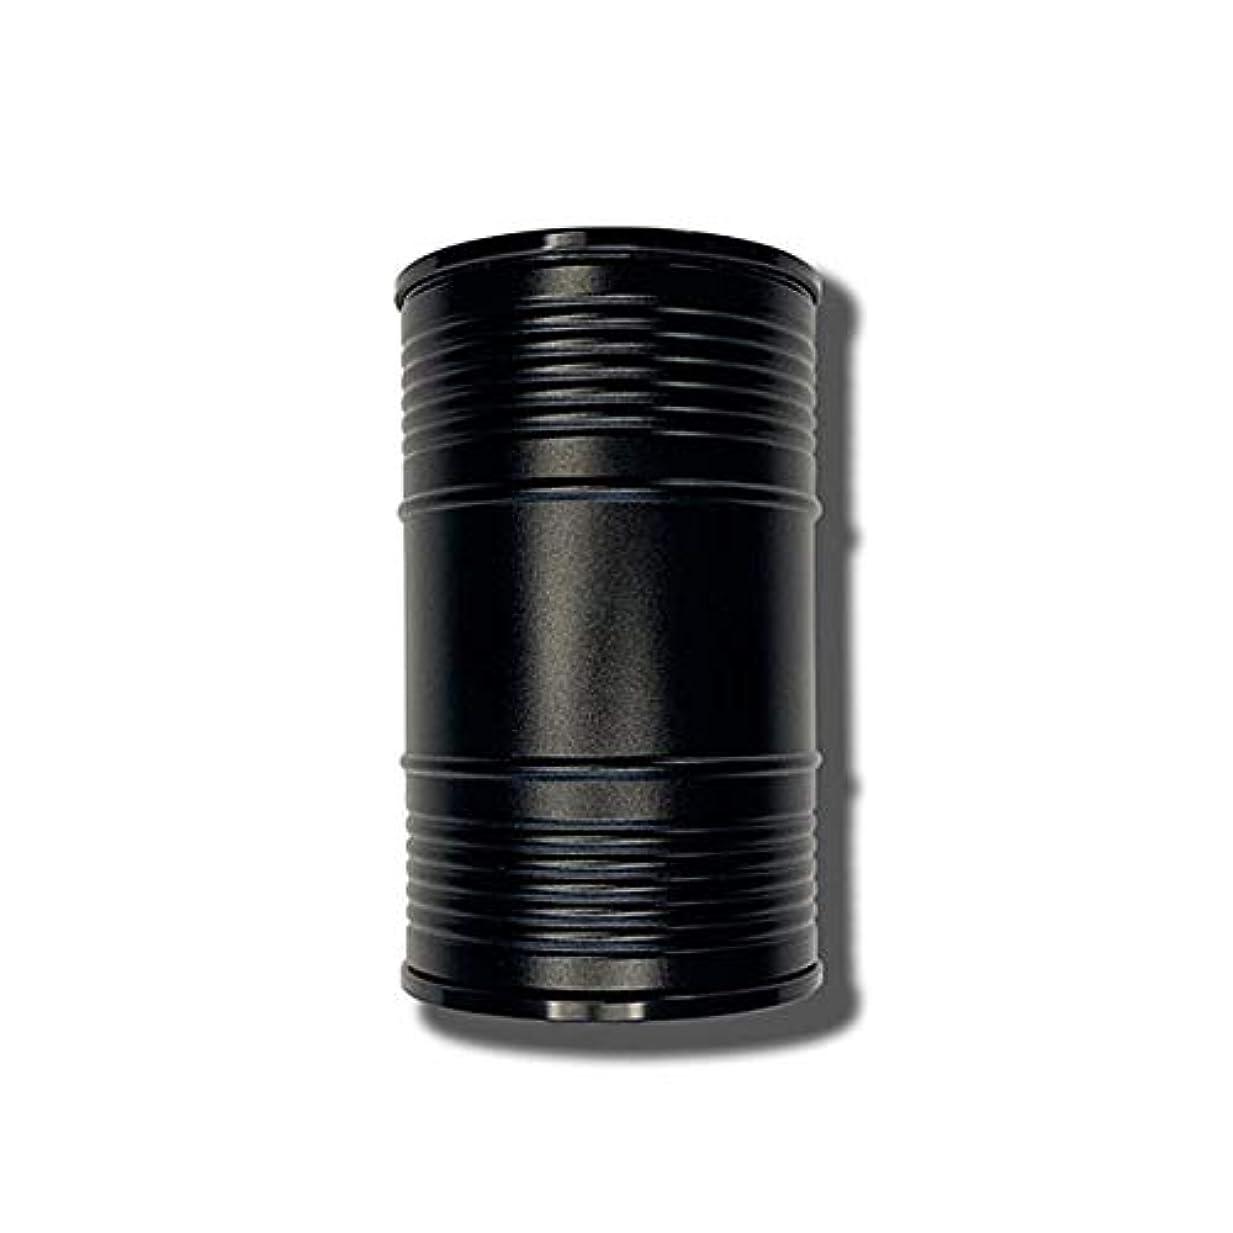 帽子詳細にキャッシュ創造的なオイルバレル形状ミニ車ポータブル灰皿カバーデザイン個性創造的な金属室内装飾、品質保証 (色 : 黒)